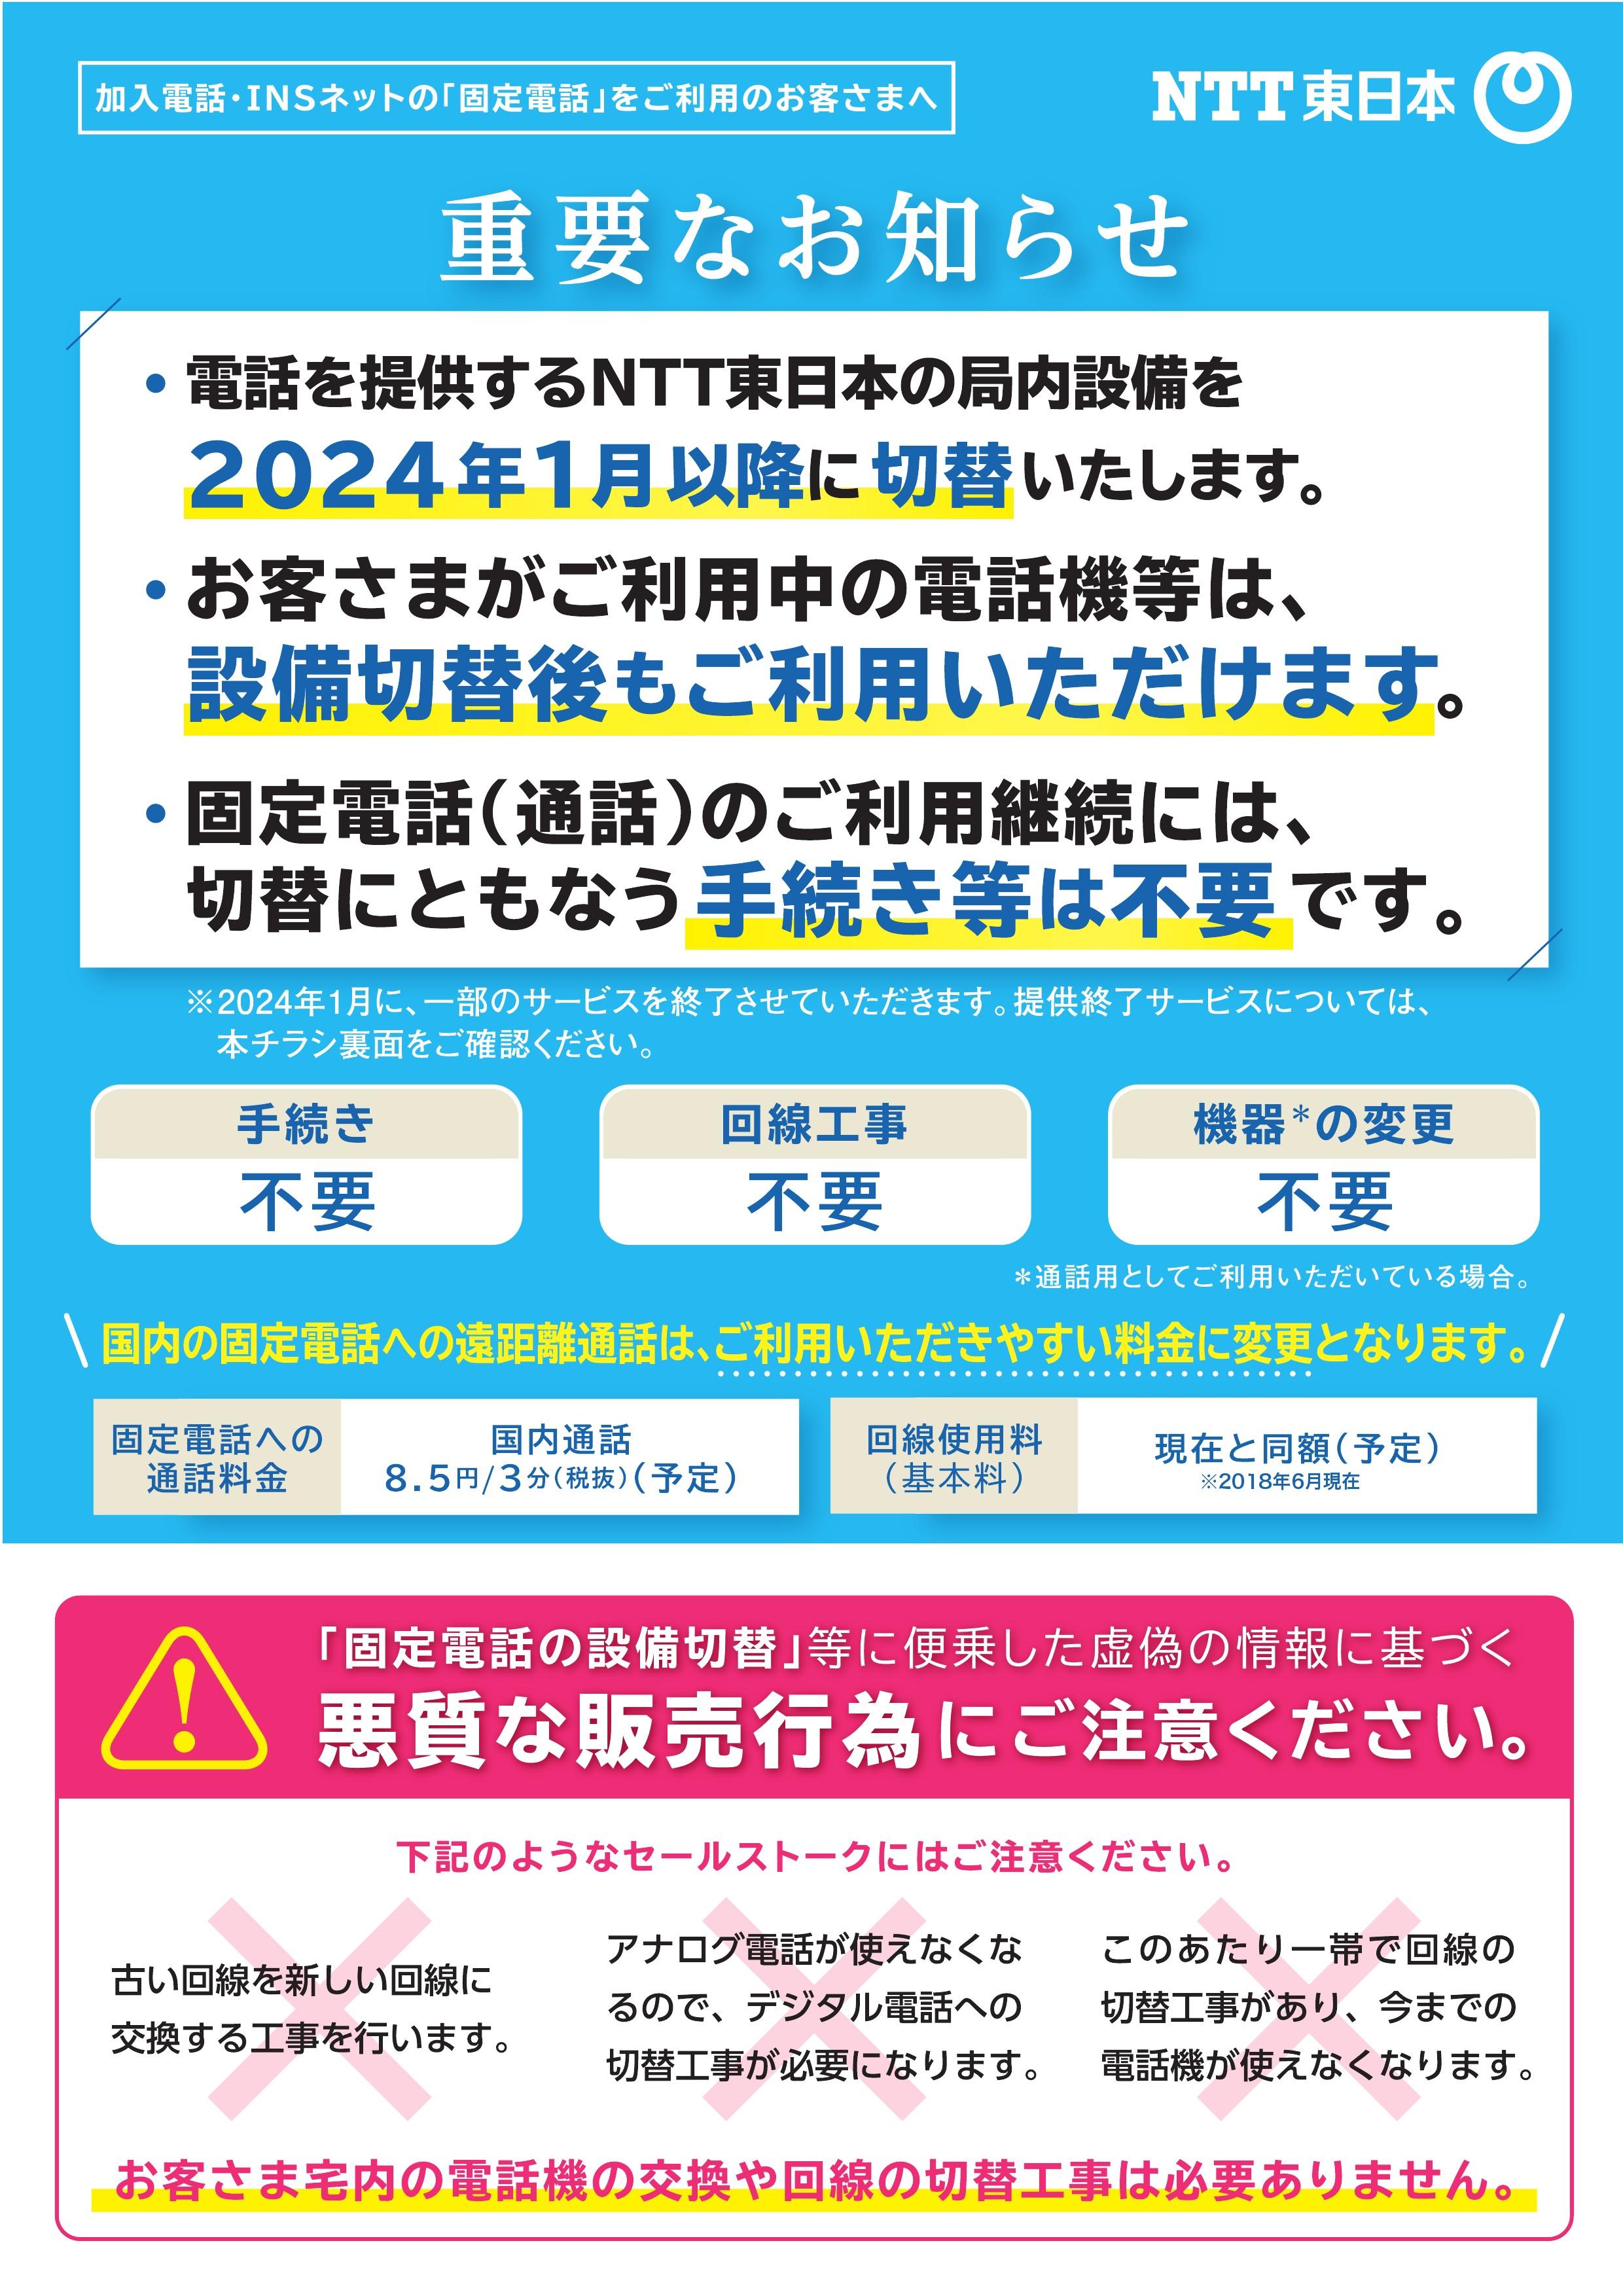 通信 障害 西日本 ntt